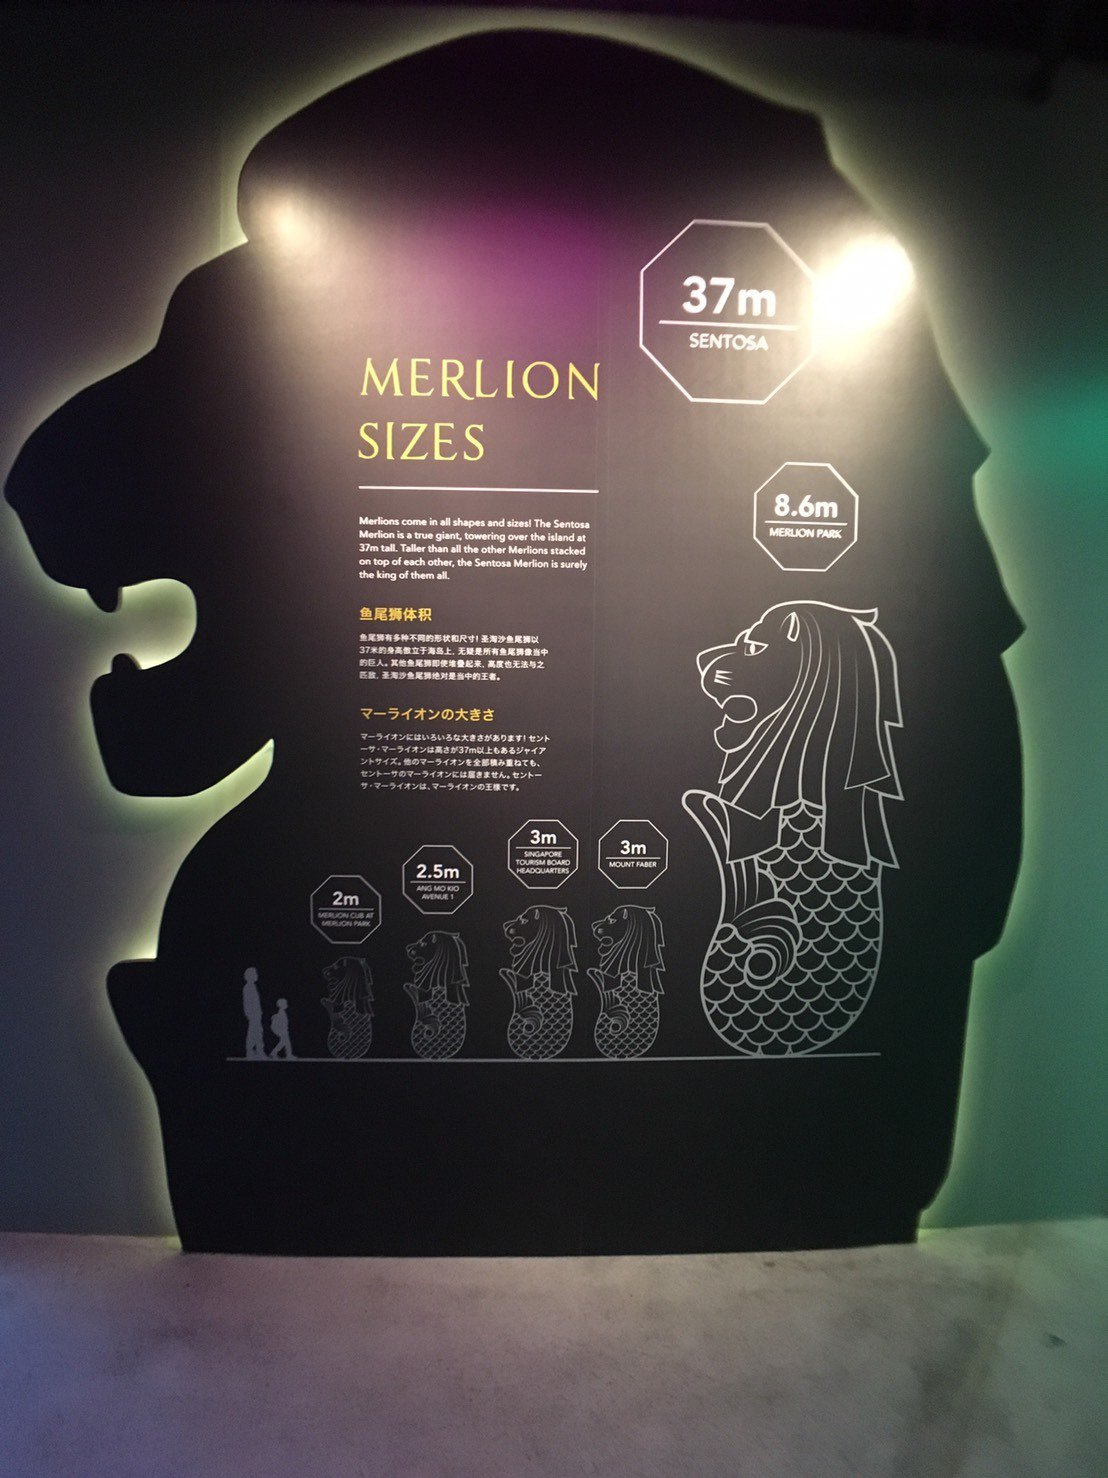 新加玻聖淘沙魚尾獅塔牆面上有新加坡每一隻魚尾獅各種大小尺寸介紹。記者張雅婷/攝影